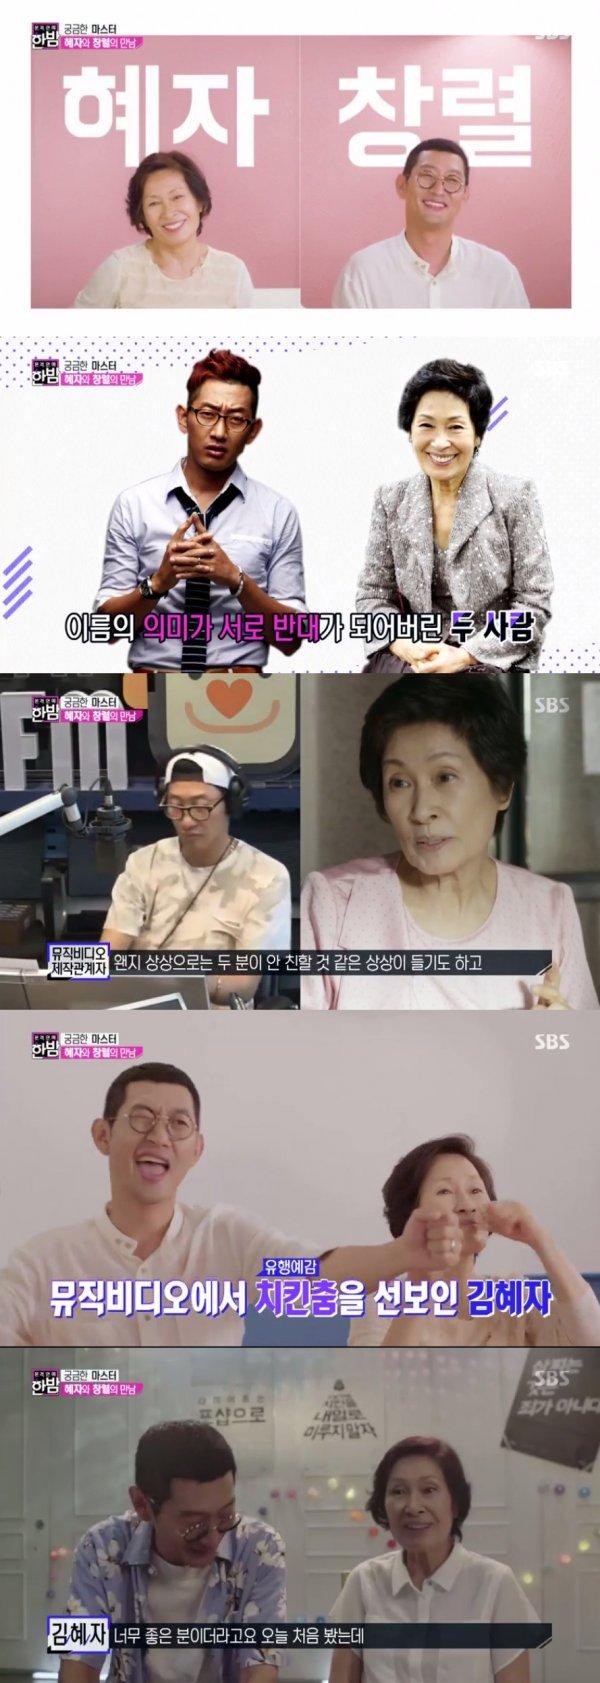 """'한밤', 김혜자X김창렬 콜라보..""""재밌을 거라 생각"""""""